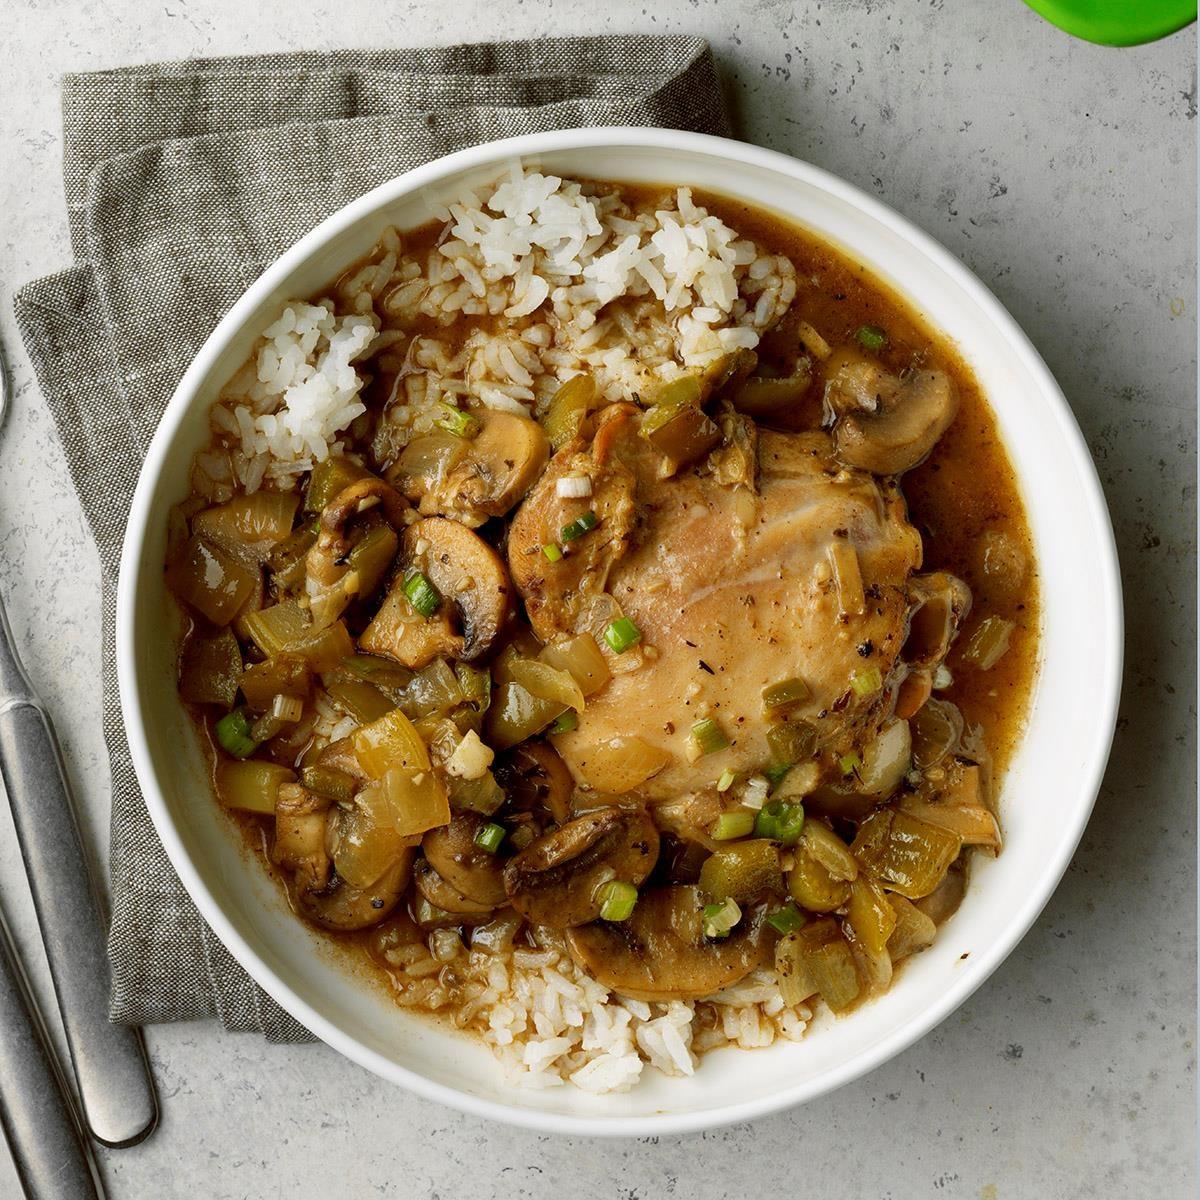 New Orleans-Style Stewed Chicken